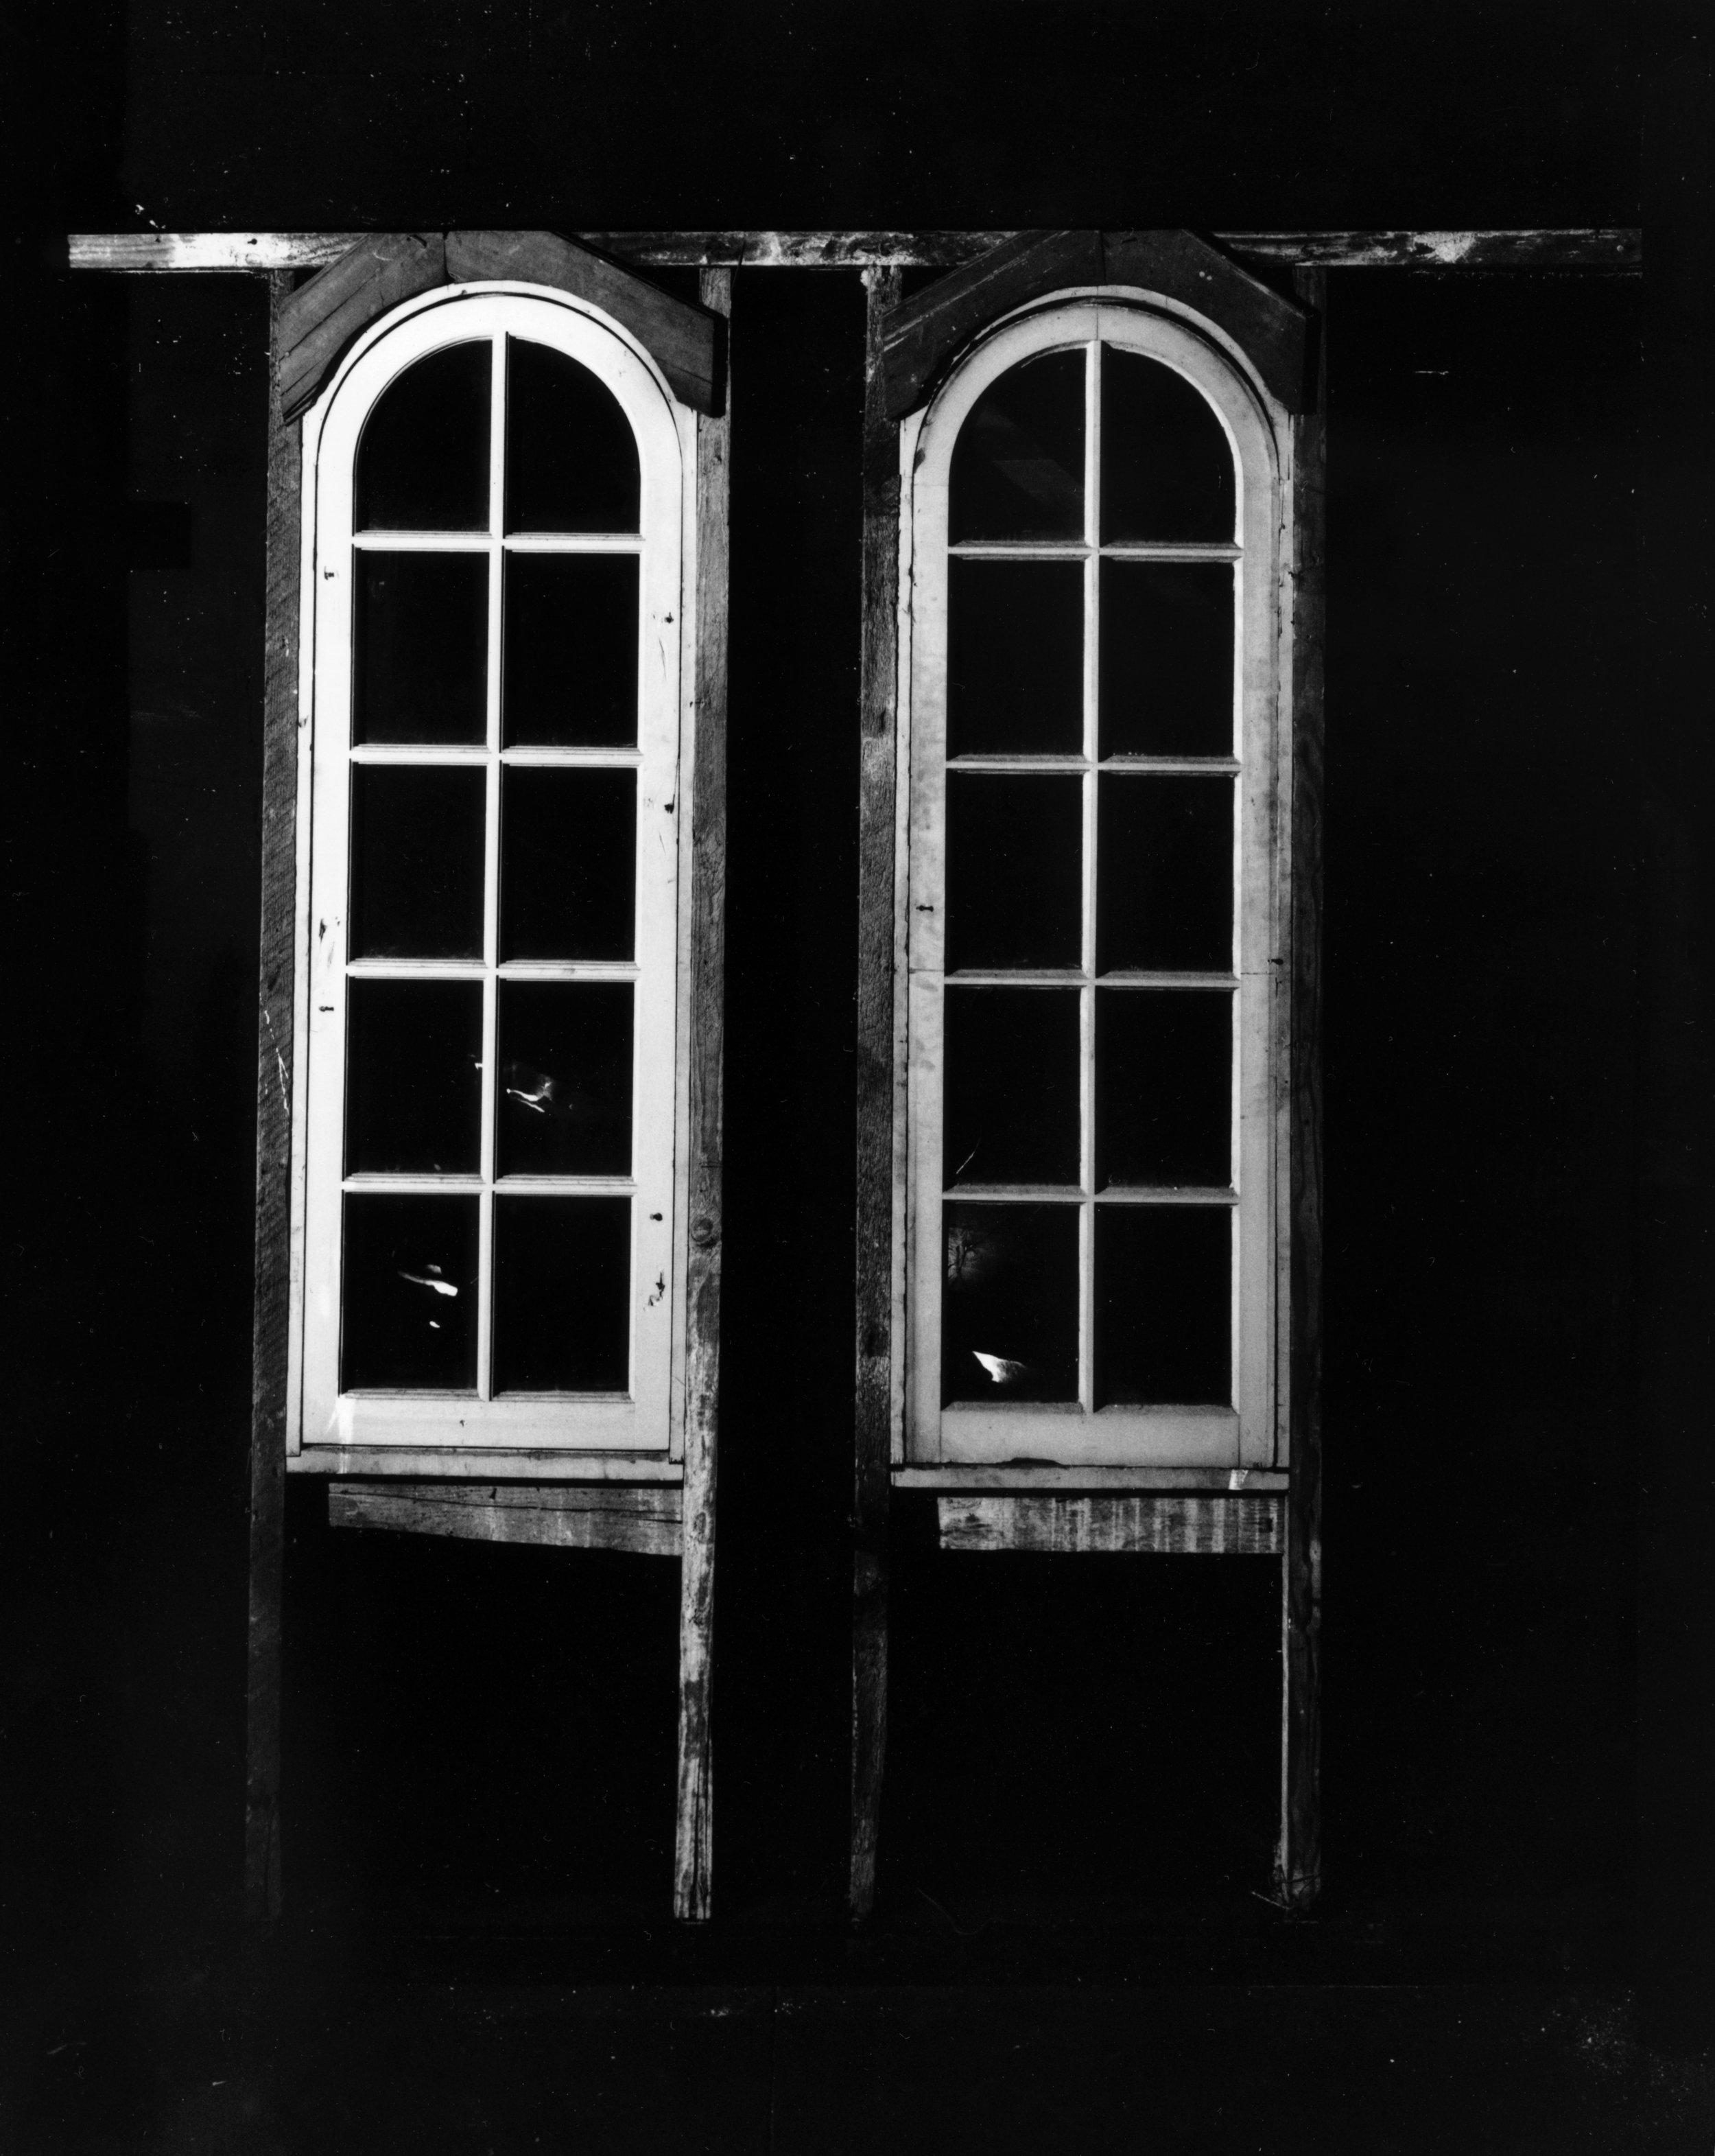 Tower Window (Interior), Silver Gelatin Print, 2018